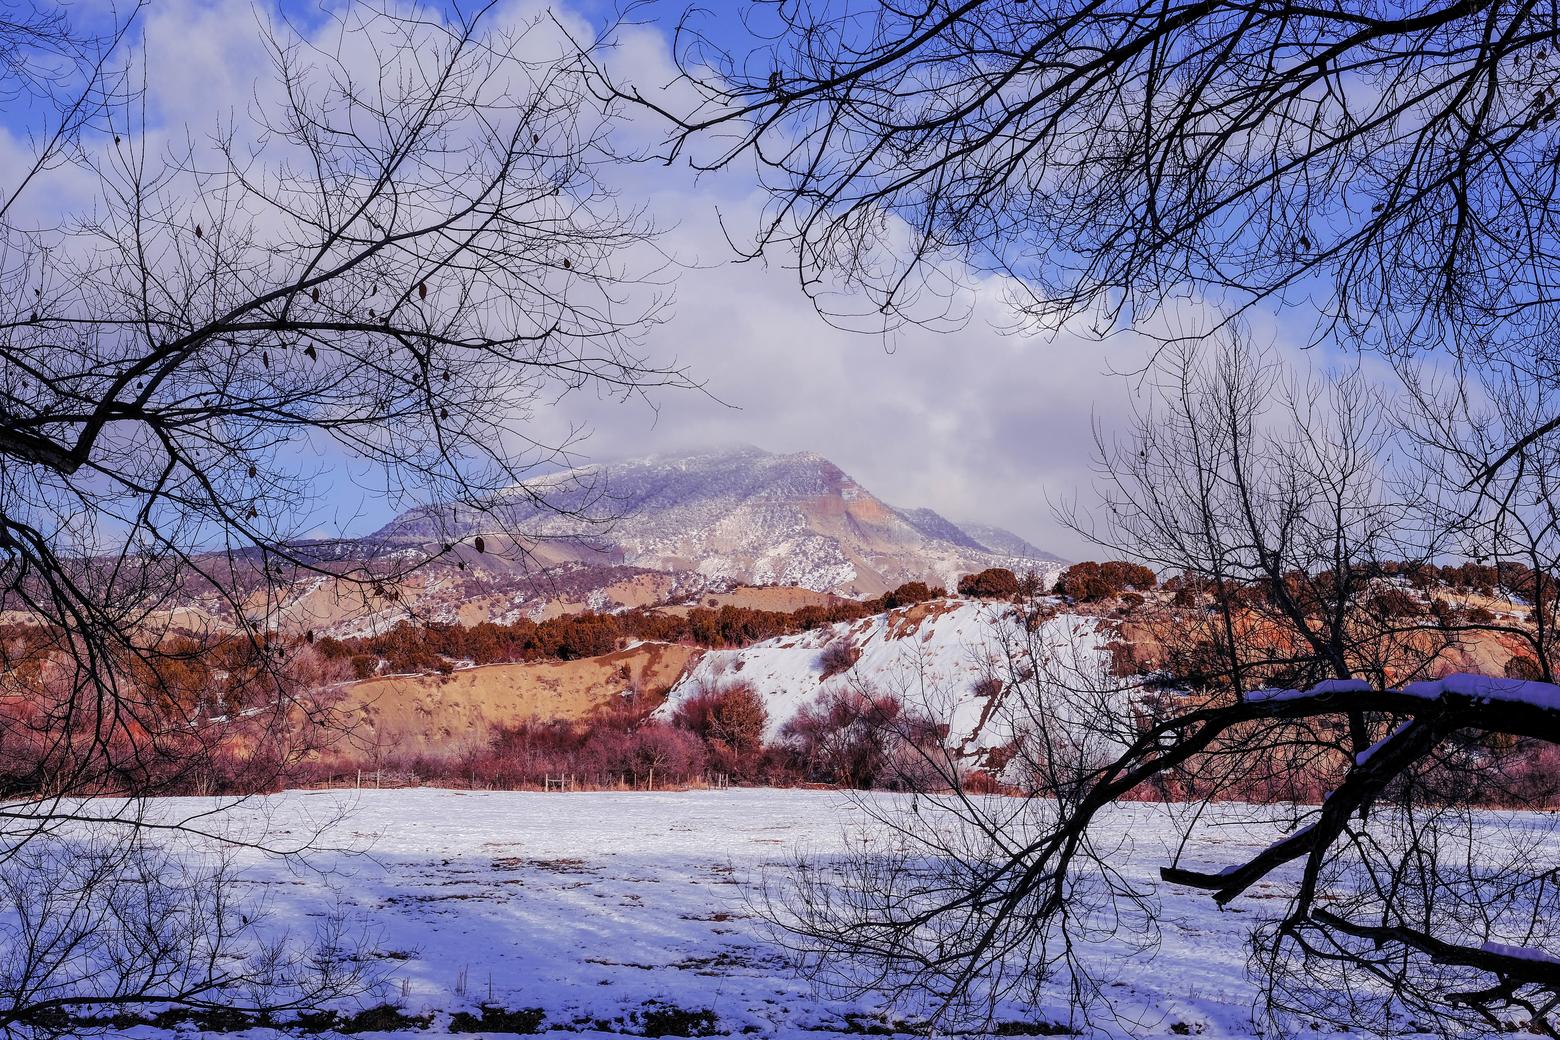 hillsideview